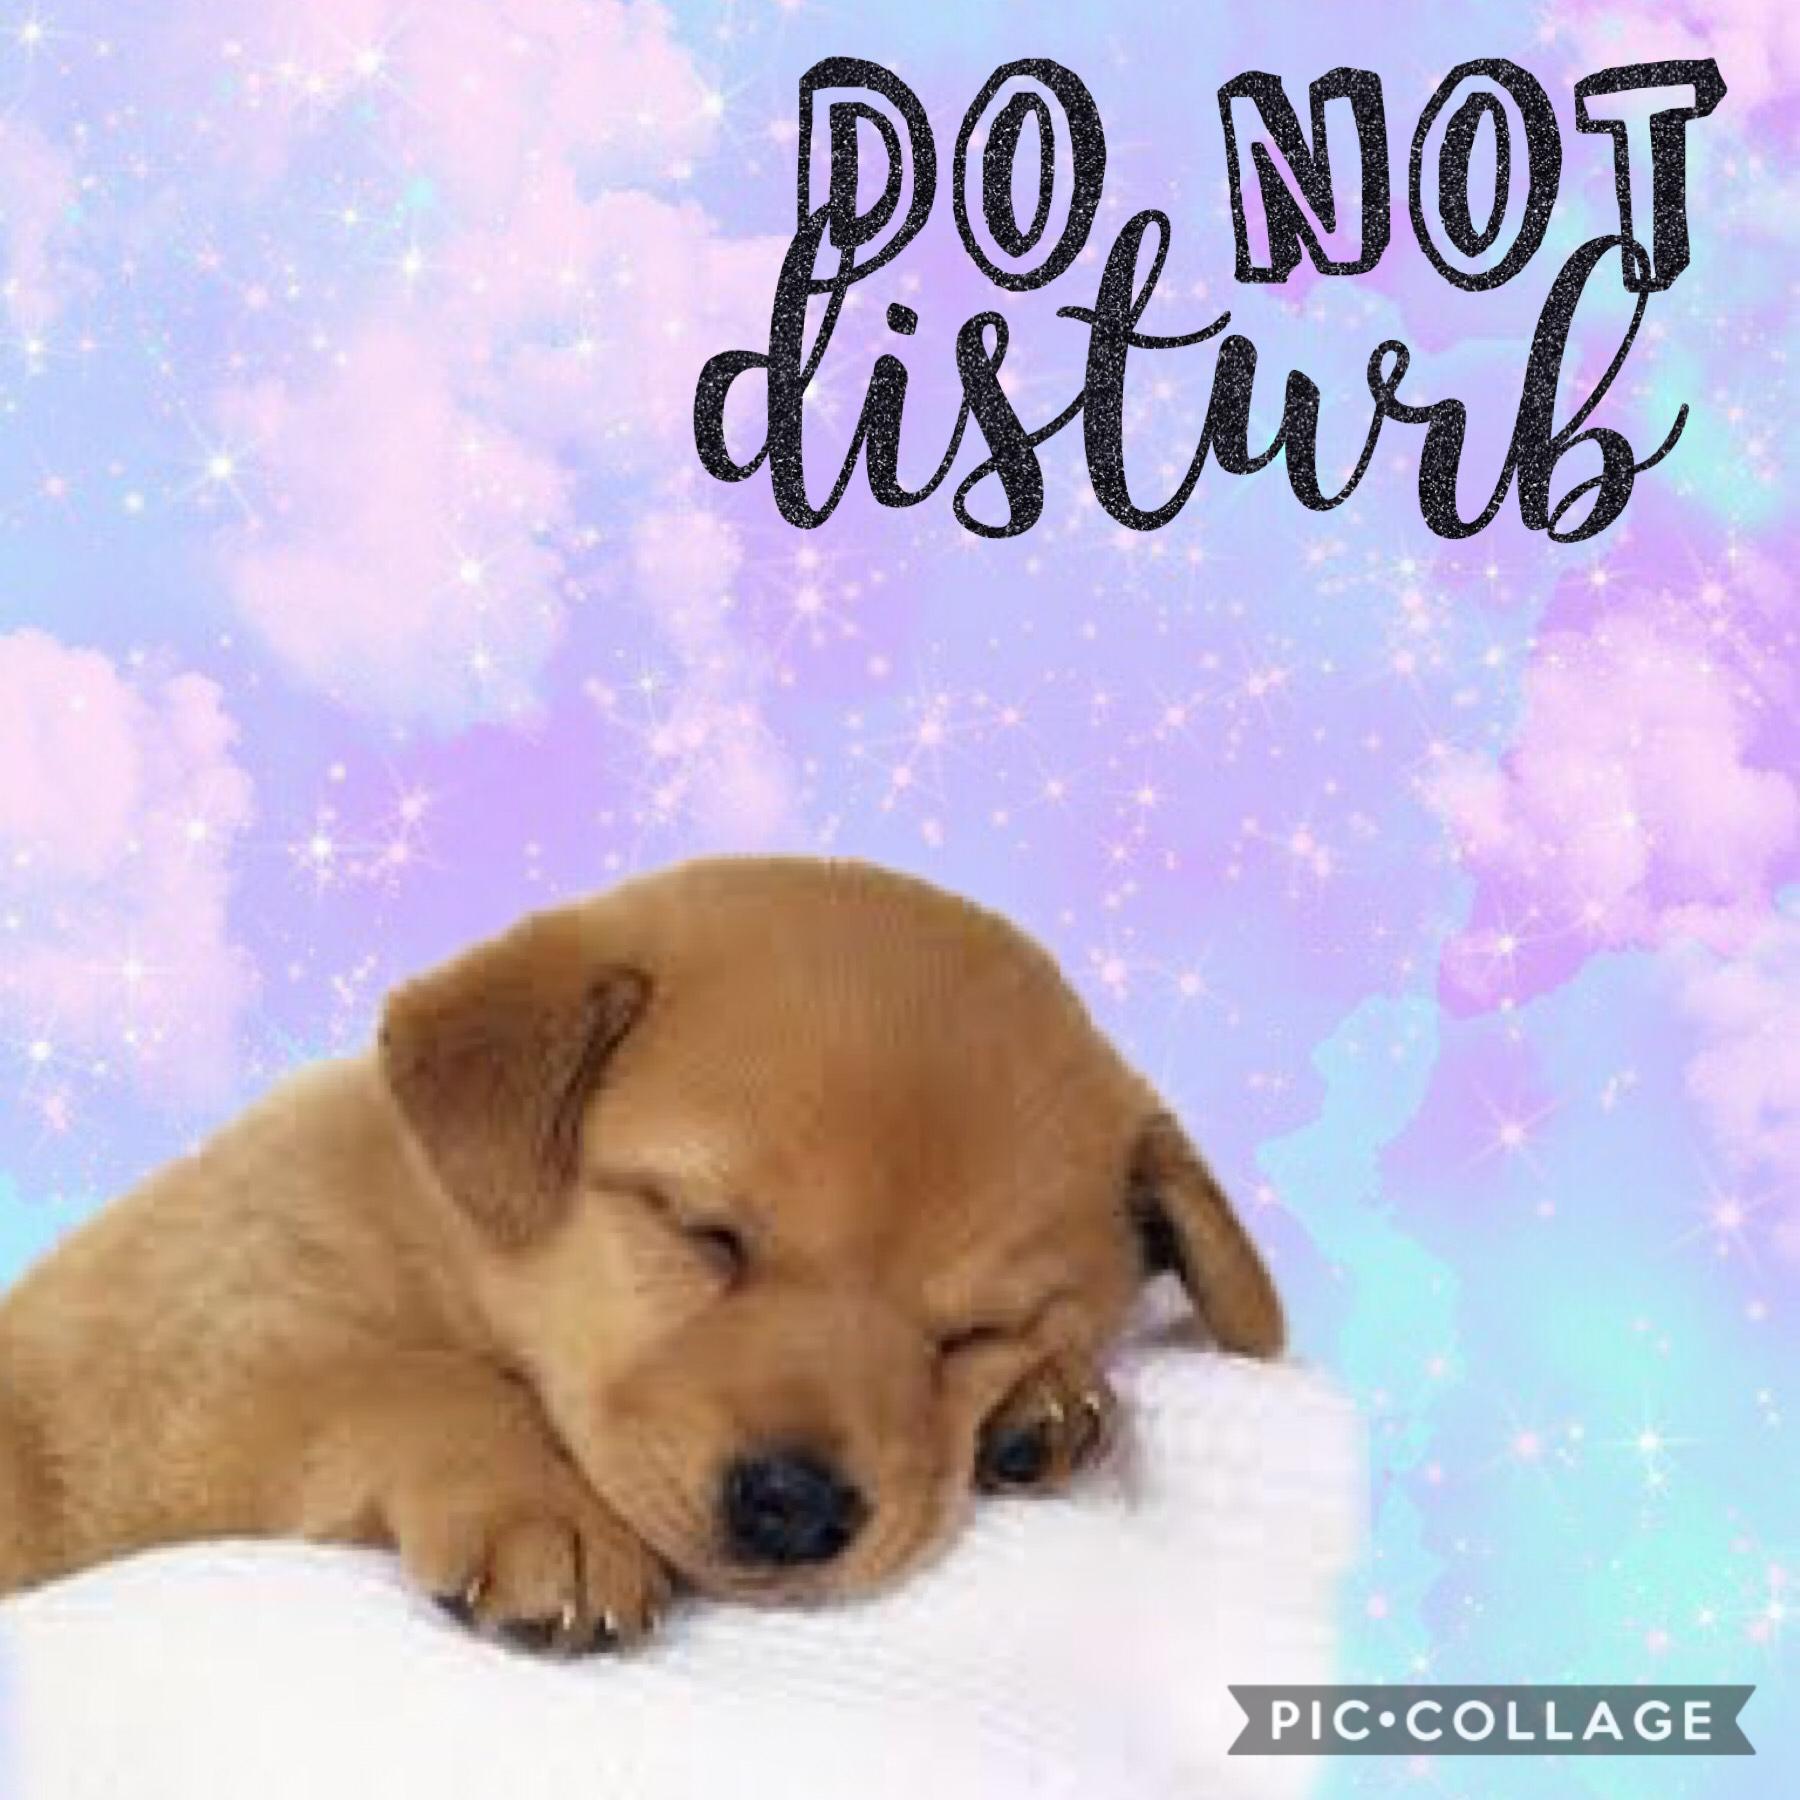 #donotdisturb